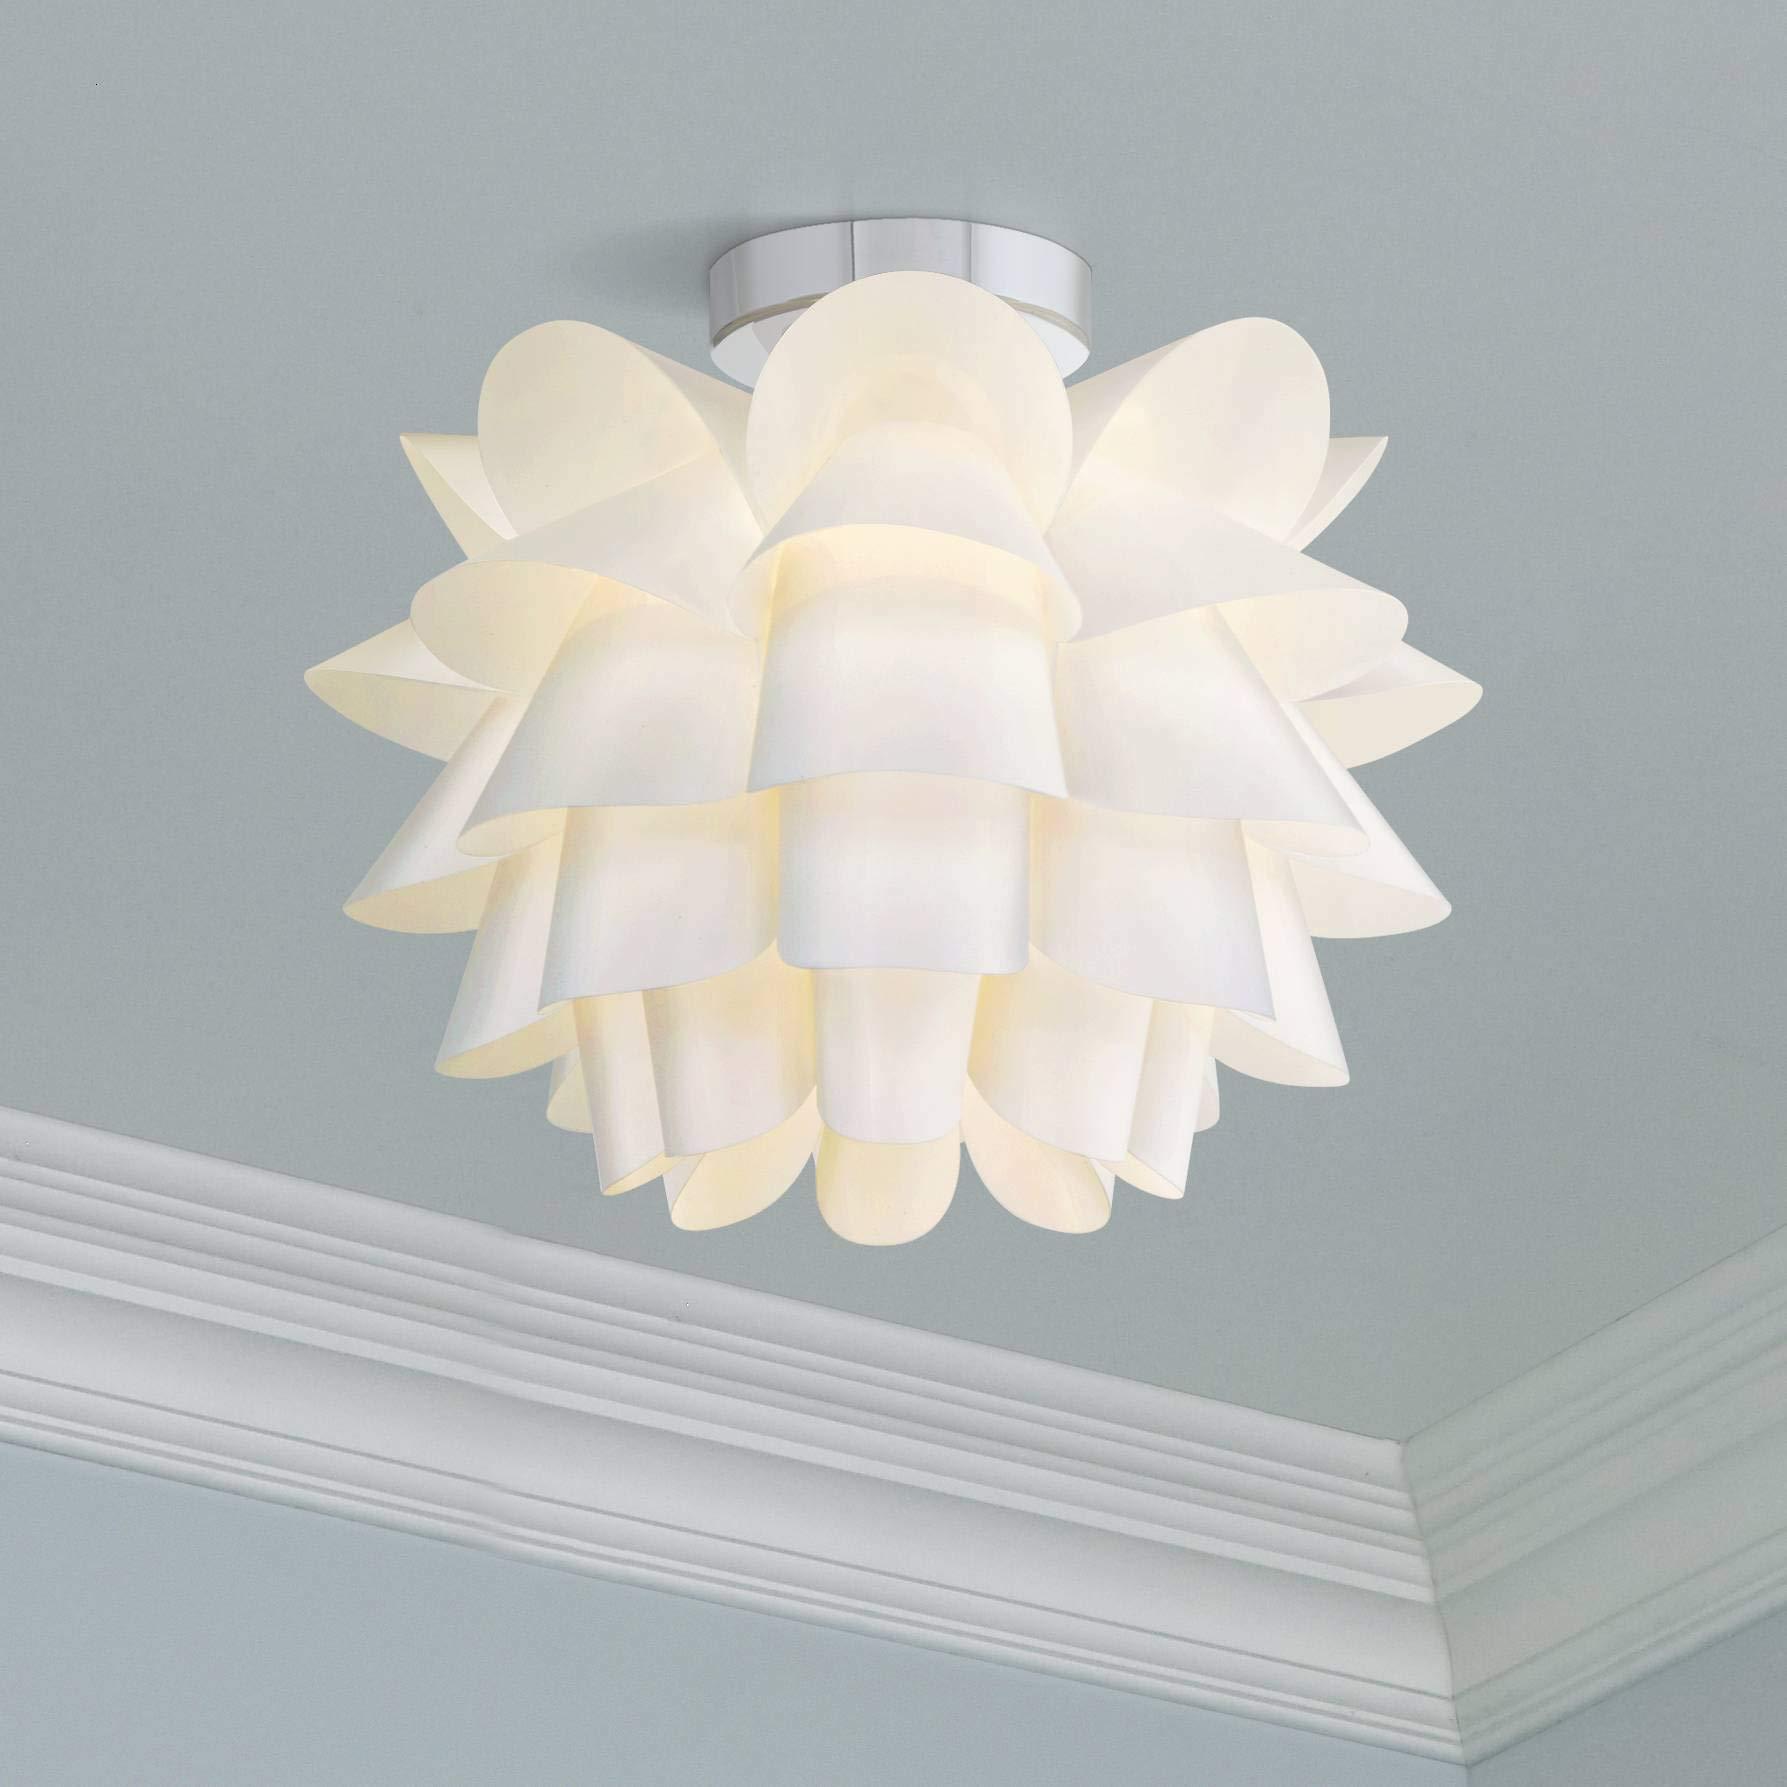 Modern Ceiling Light Flush Mount Fixture White Flower 15 3/4'' for Bedroom Kitchen - Possini Euro Design